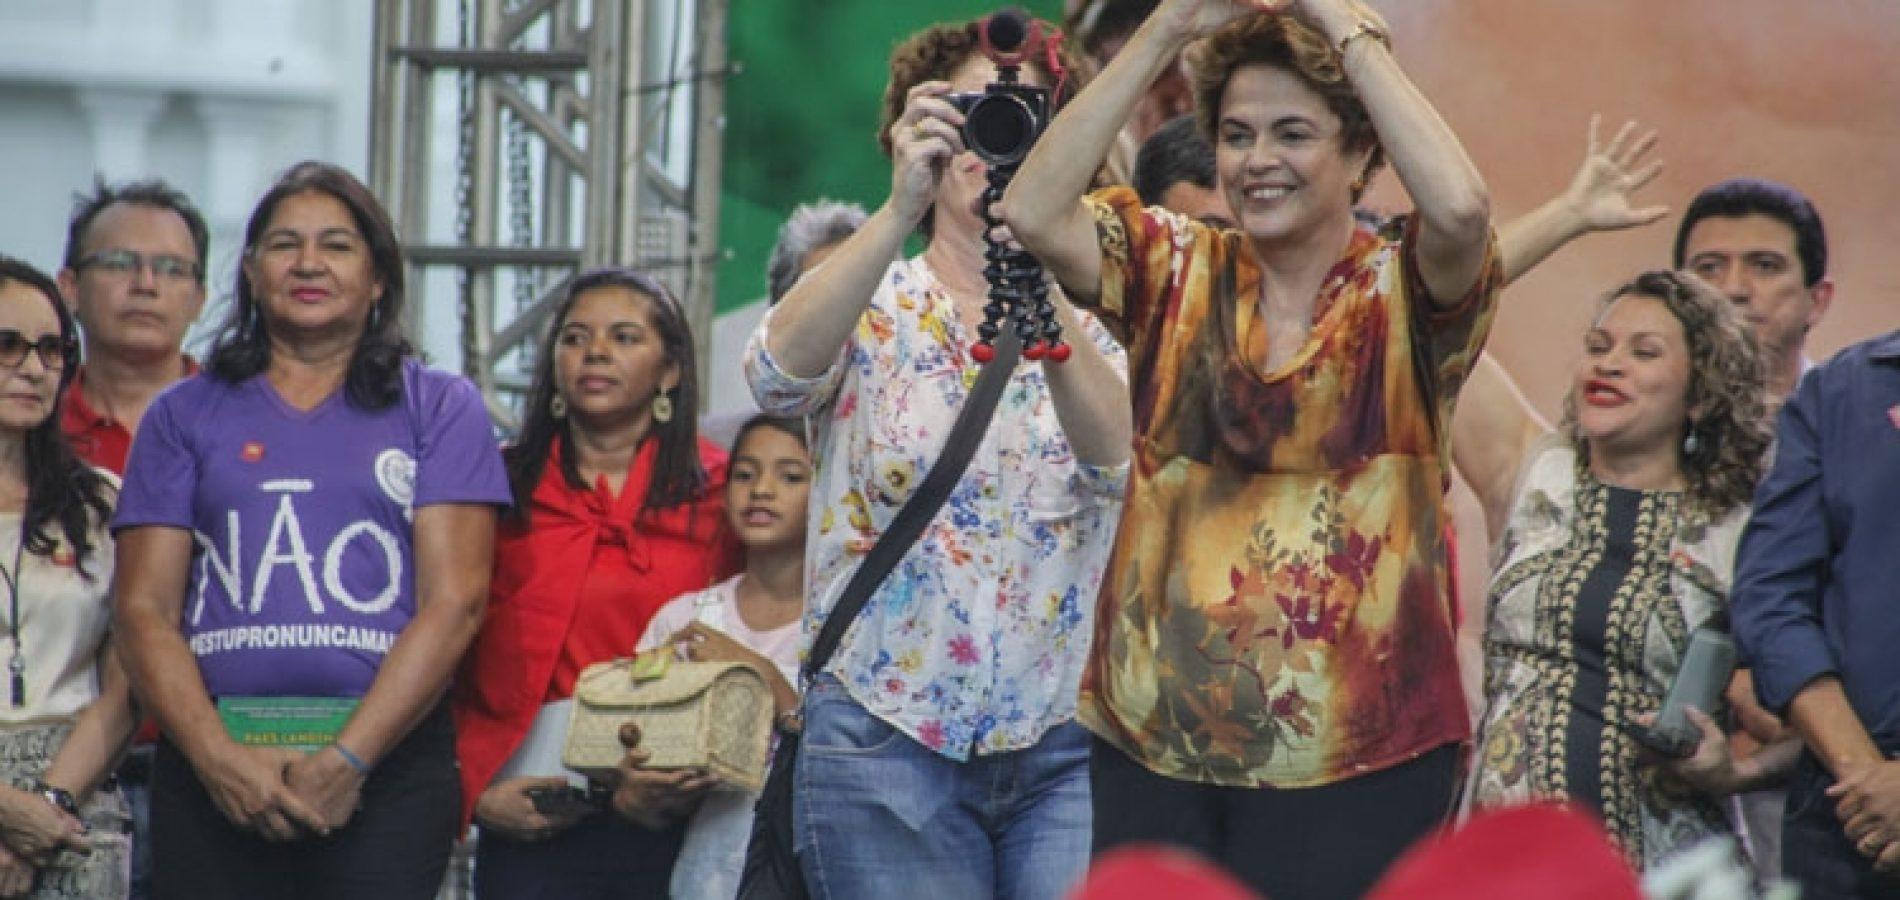 No Piauí, Dilma diz que não renuncia e que voltará com governo pacificador